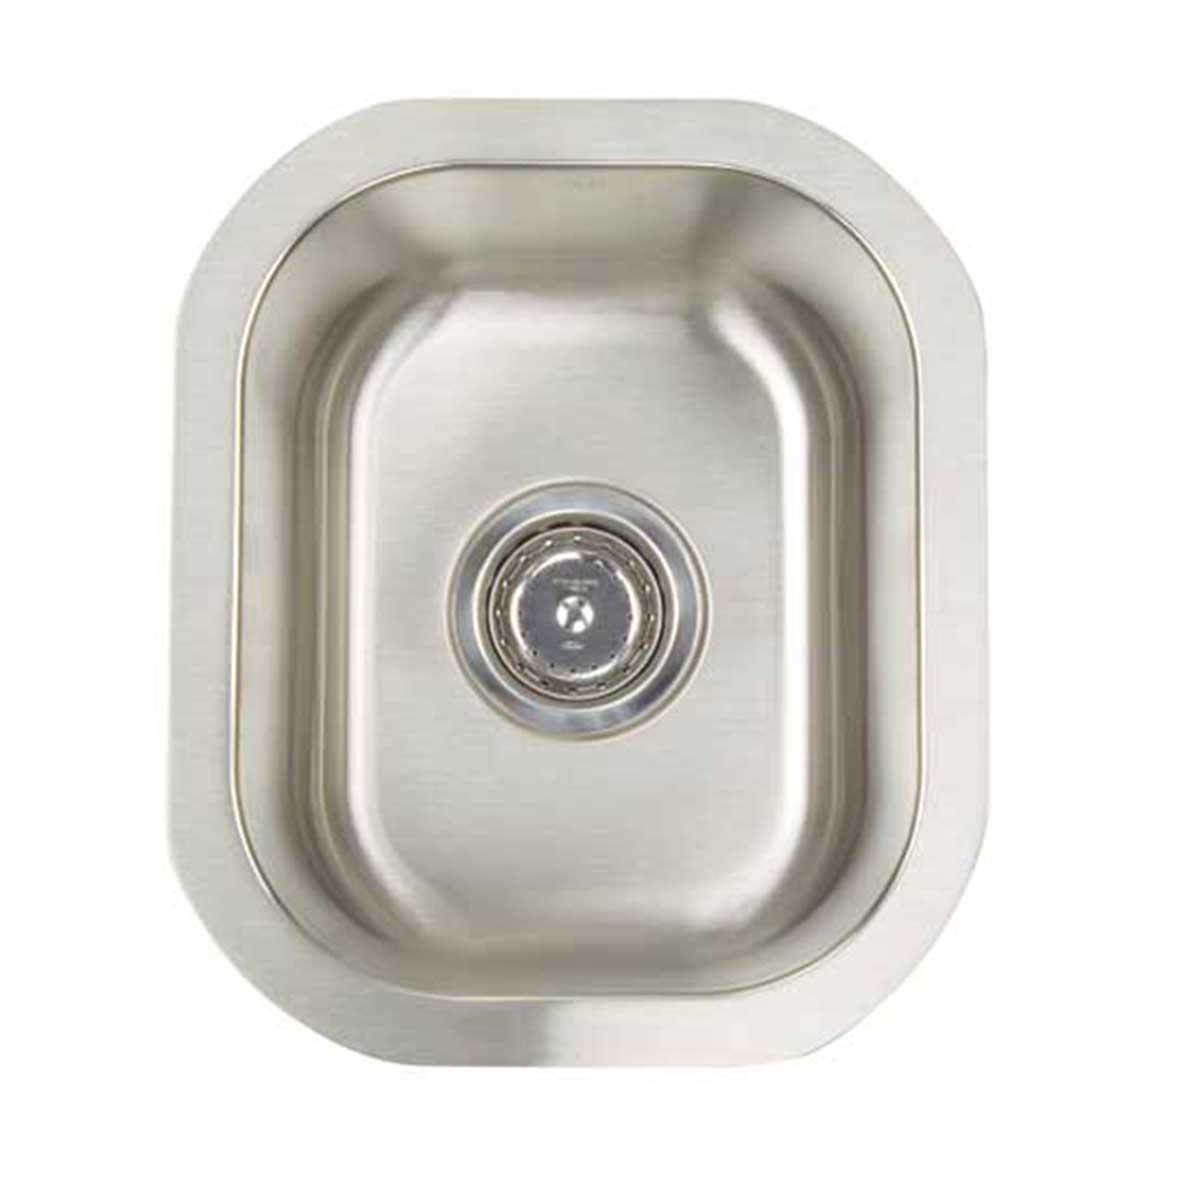 artisan sinks 16 gauge ar1214 d7     artisan sinks ar1214 d7 16 gauge  contractors direct   rh   contractorsdirect com